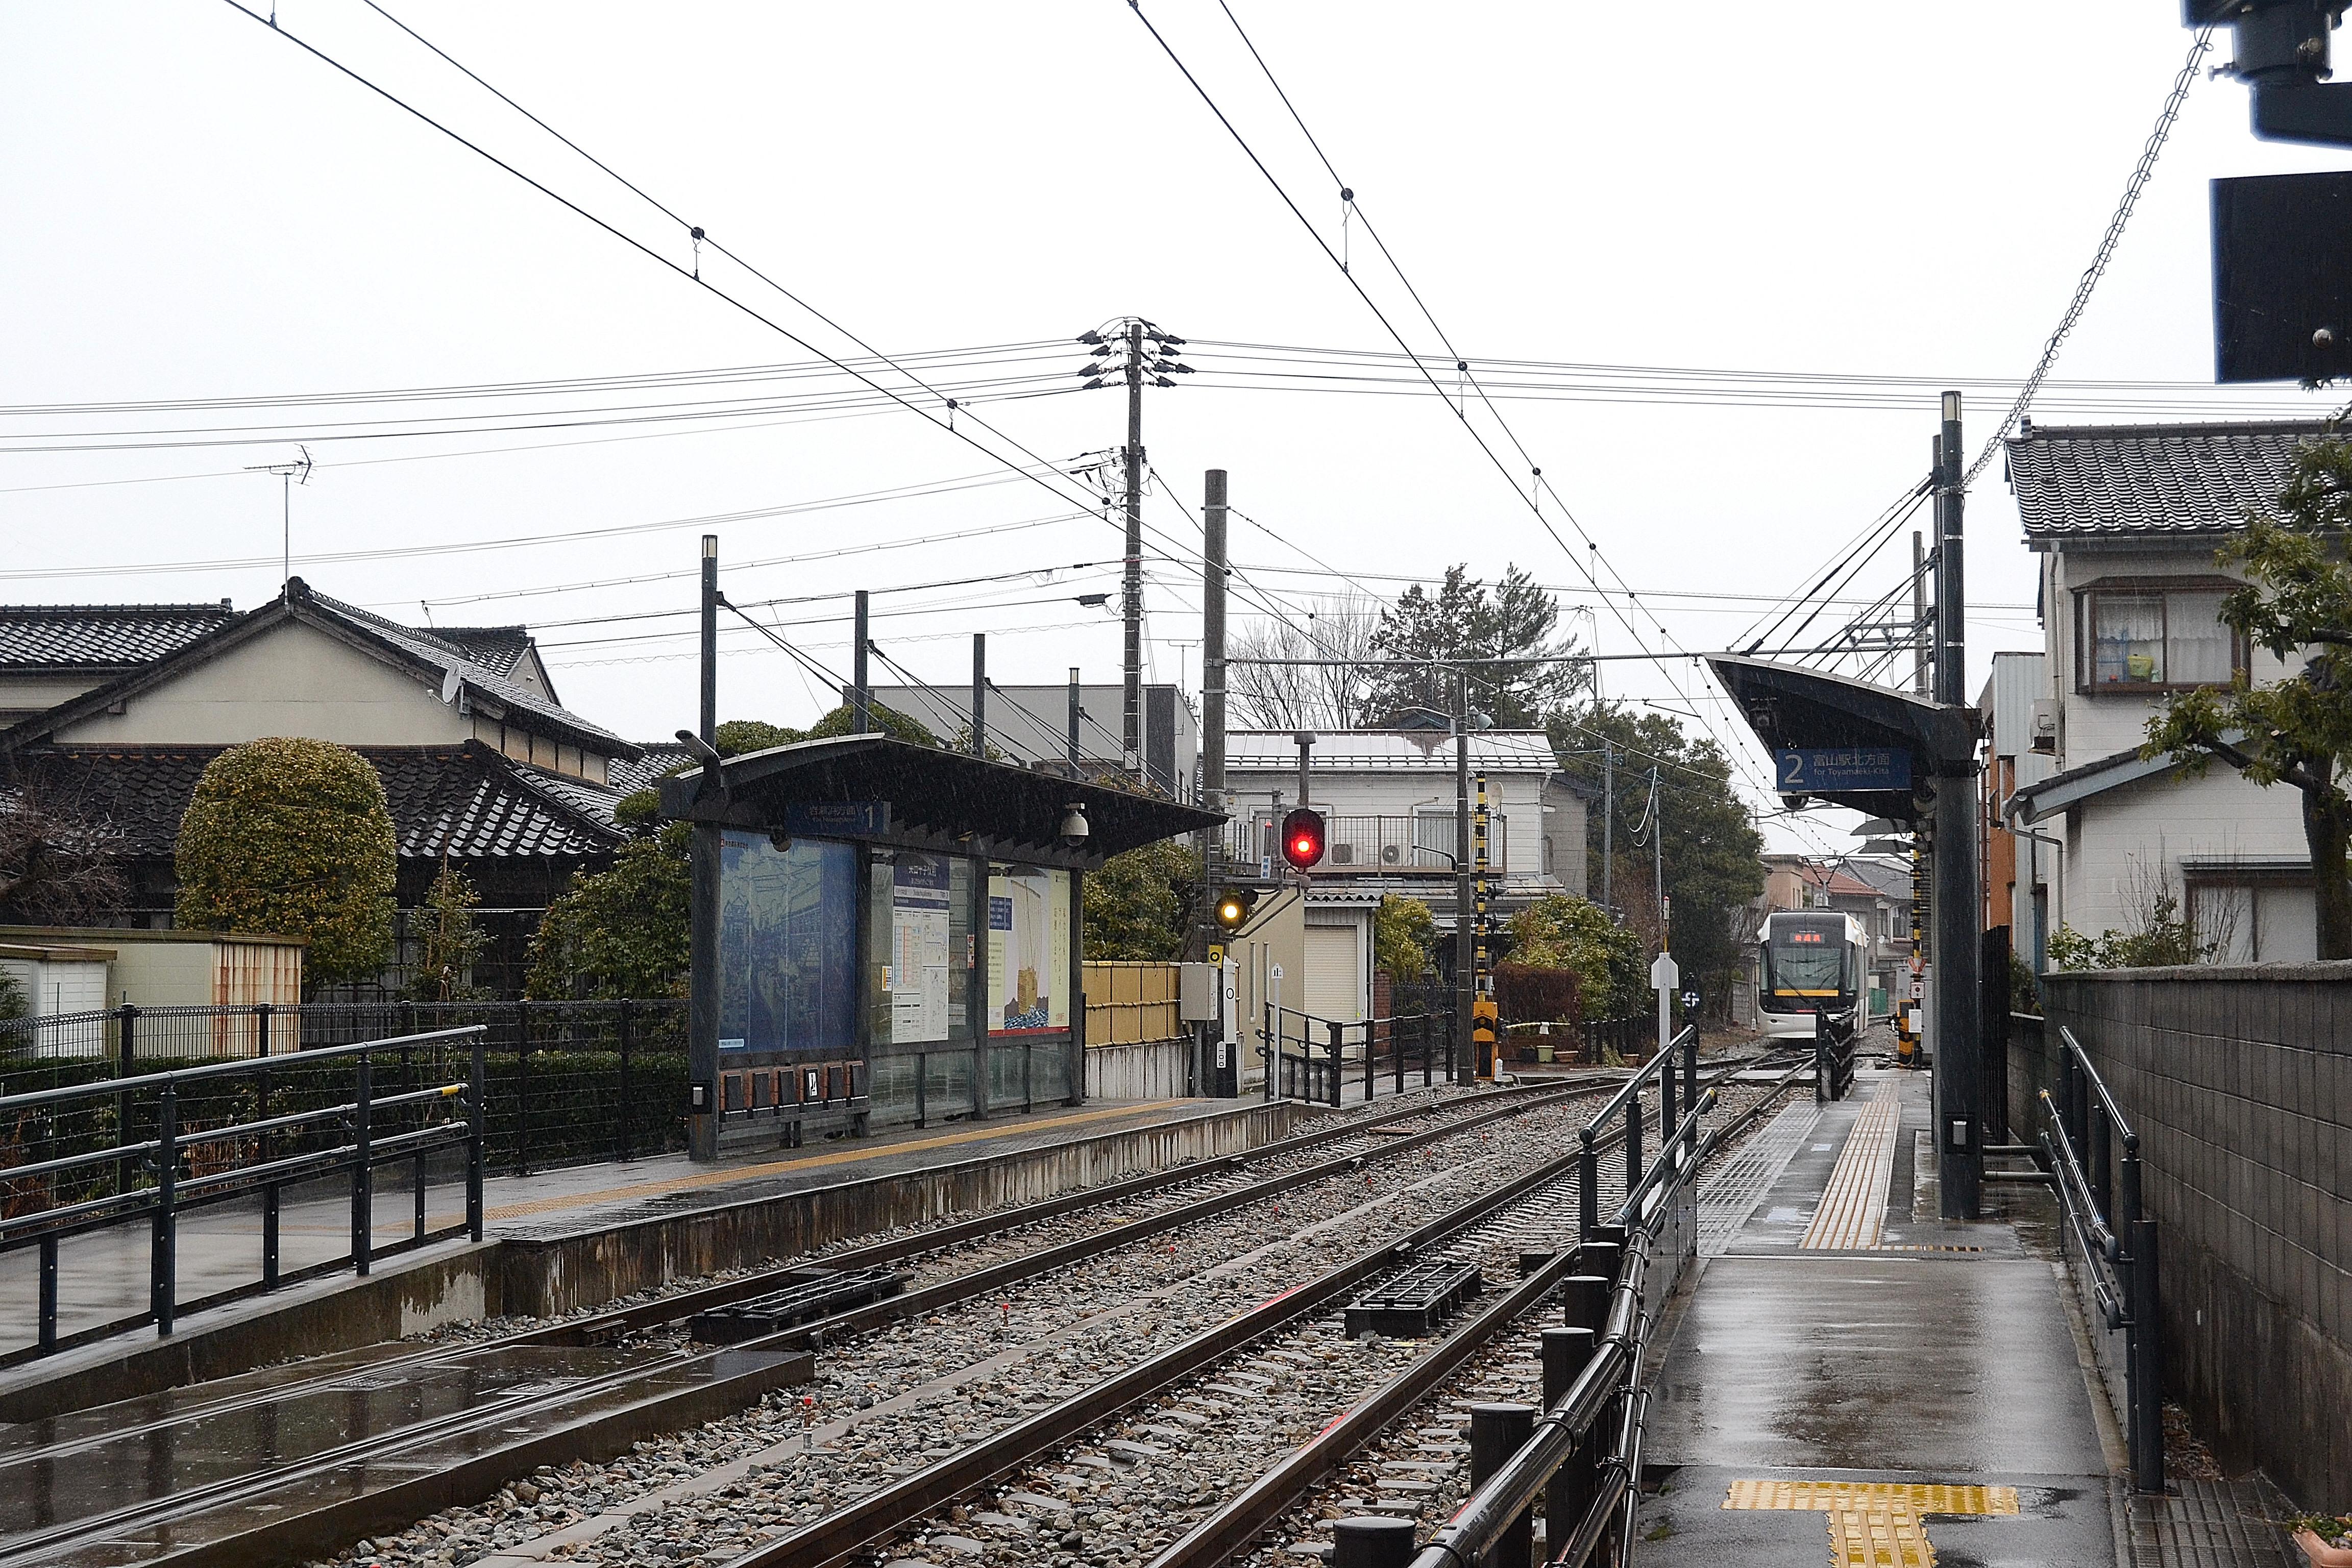 Toyama light rail okudachugakkomae station for iwasehama toyama light rail okudachugakkomae station for iwasehamag mozeypictures Choice Image